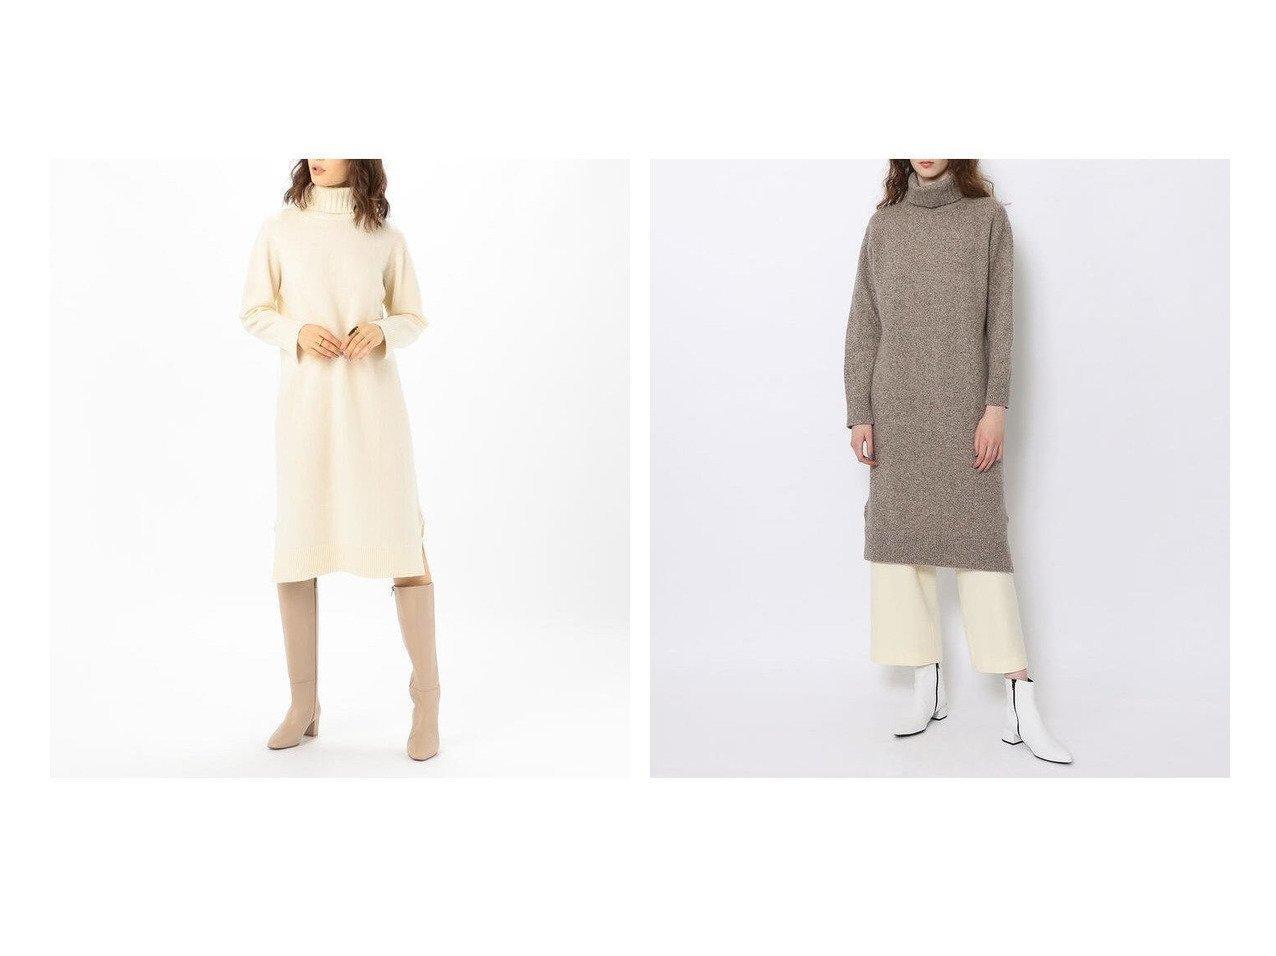 【TOMORROWLAND MACPHEE/トゥモローランド マカフィー】のウールカシミヤ タートルネックワンピース ワンピース・ドレスのおすすめ!人気、トレンド・レディースファッションの通販 おすすめで人気の流行・トレンド、ファッションの通販商品 メンズファッション・キッズファッション・インテリア・家具・レディースファッション・服の通販 founy(ファニー) https://founy.com/ ファッション Fashion レディースファッション WOMEN ワンピース Dress A/W 秋冬 AW Autumn/Winter / FW Fall-Winter おすすめ Recommend カシミヤ スリット タートルネック リラックス ワイド 人気 今季 定番 Standard |ID:crp329100000022727